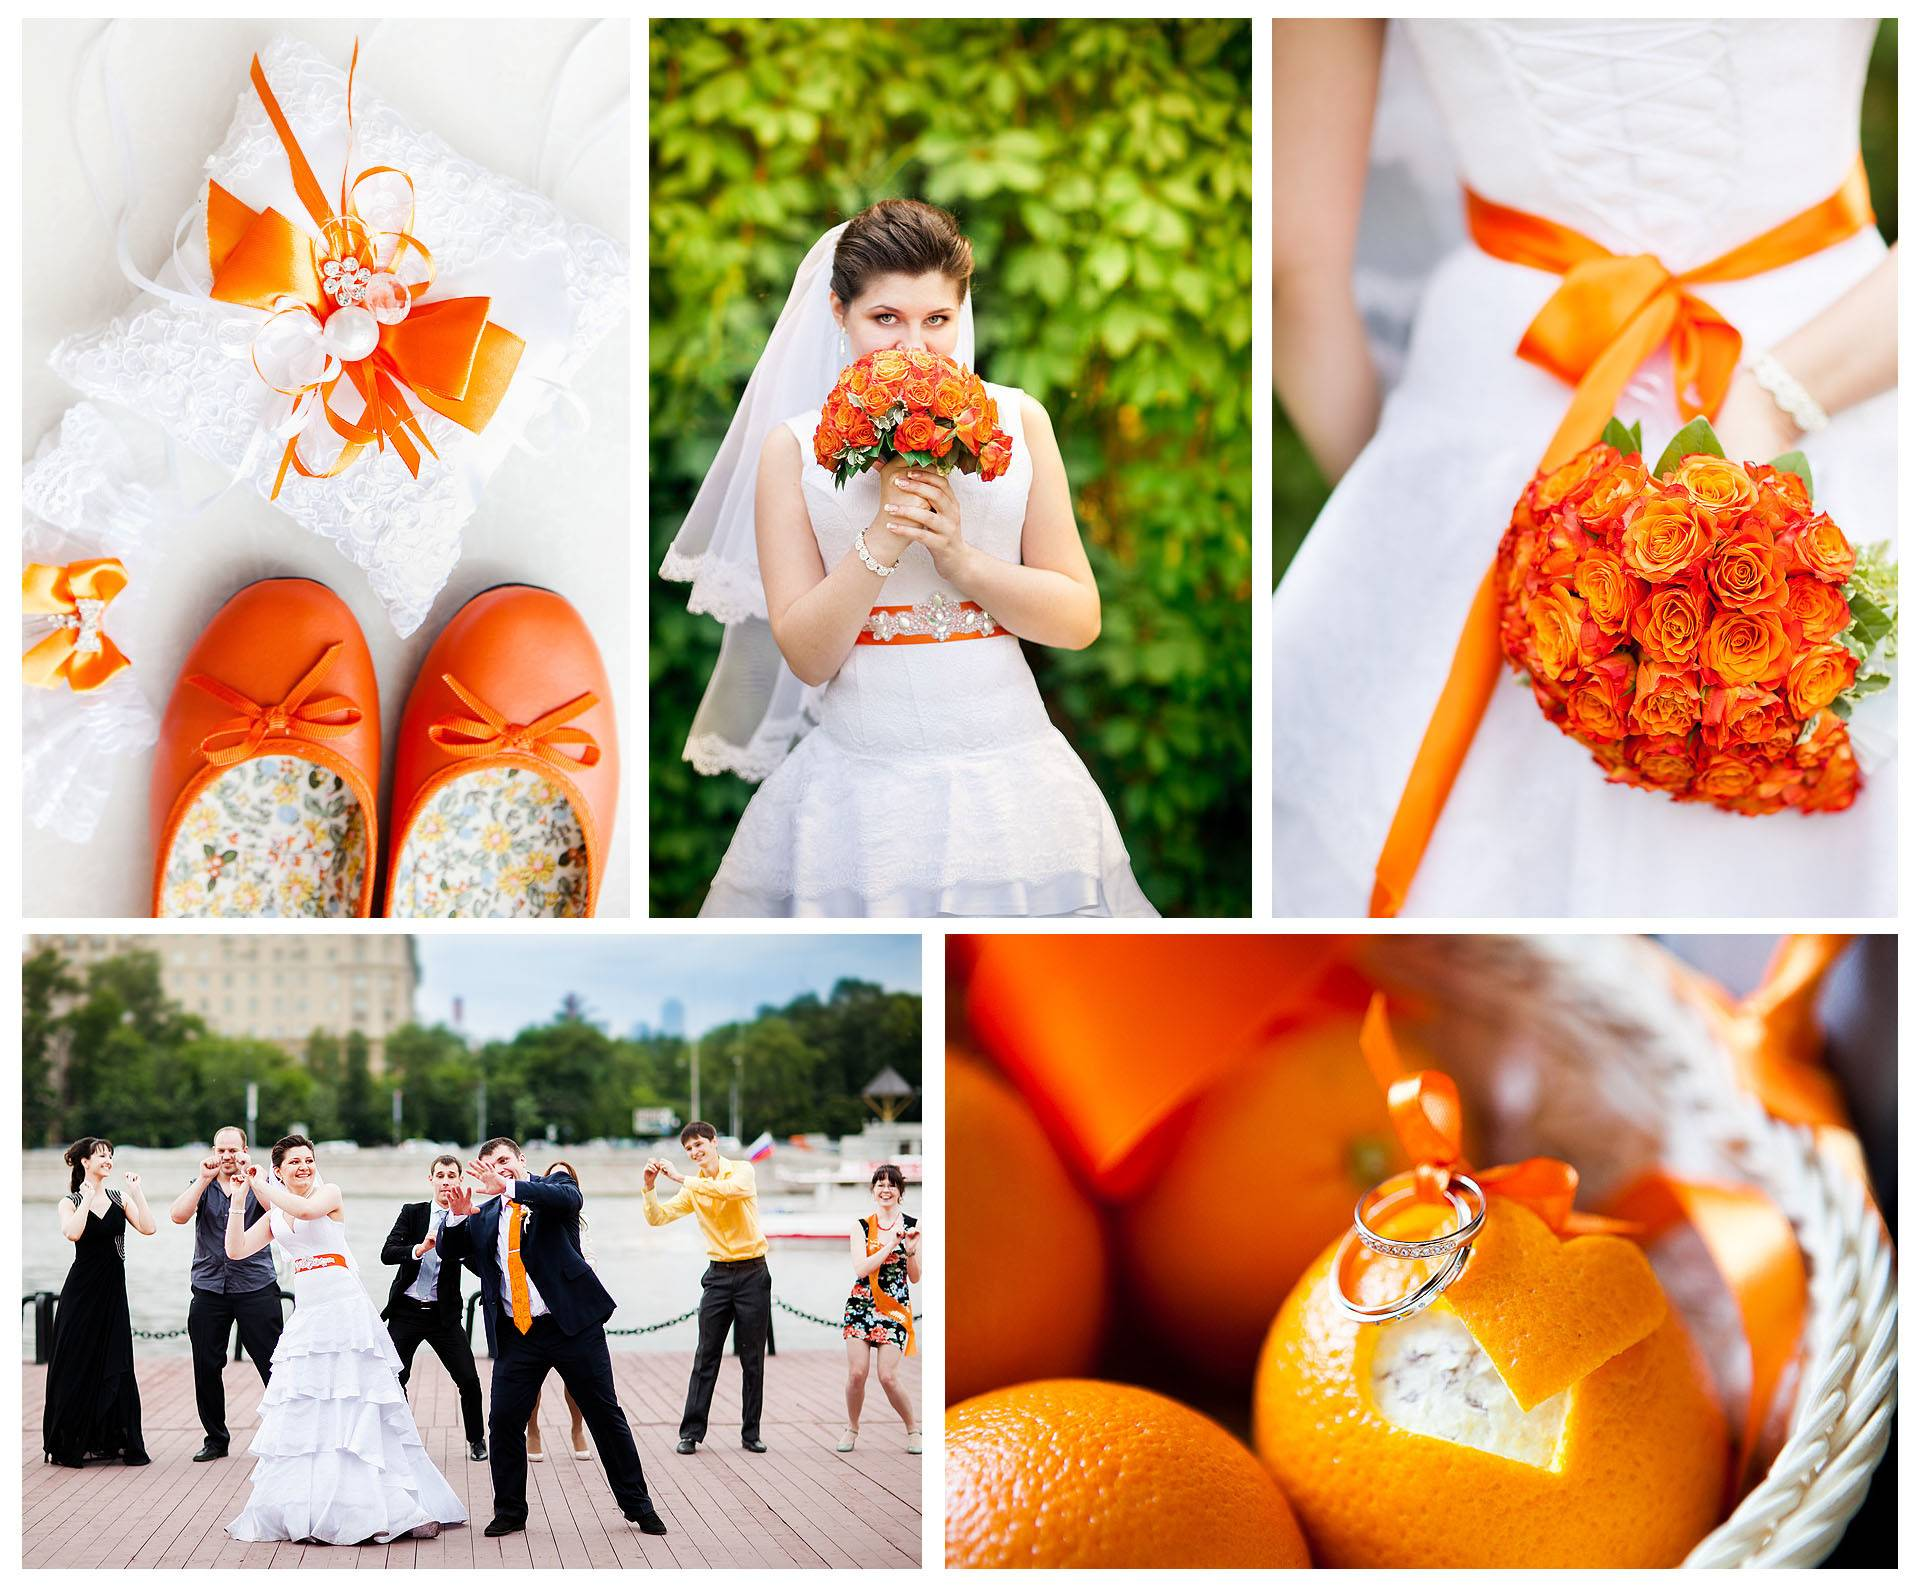 Оранжевая свадьба — солнечное настроение и заряд позитива